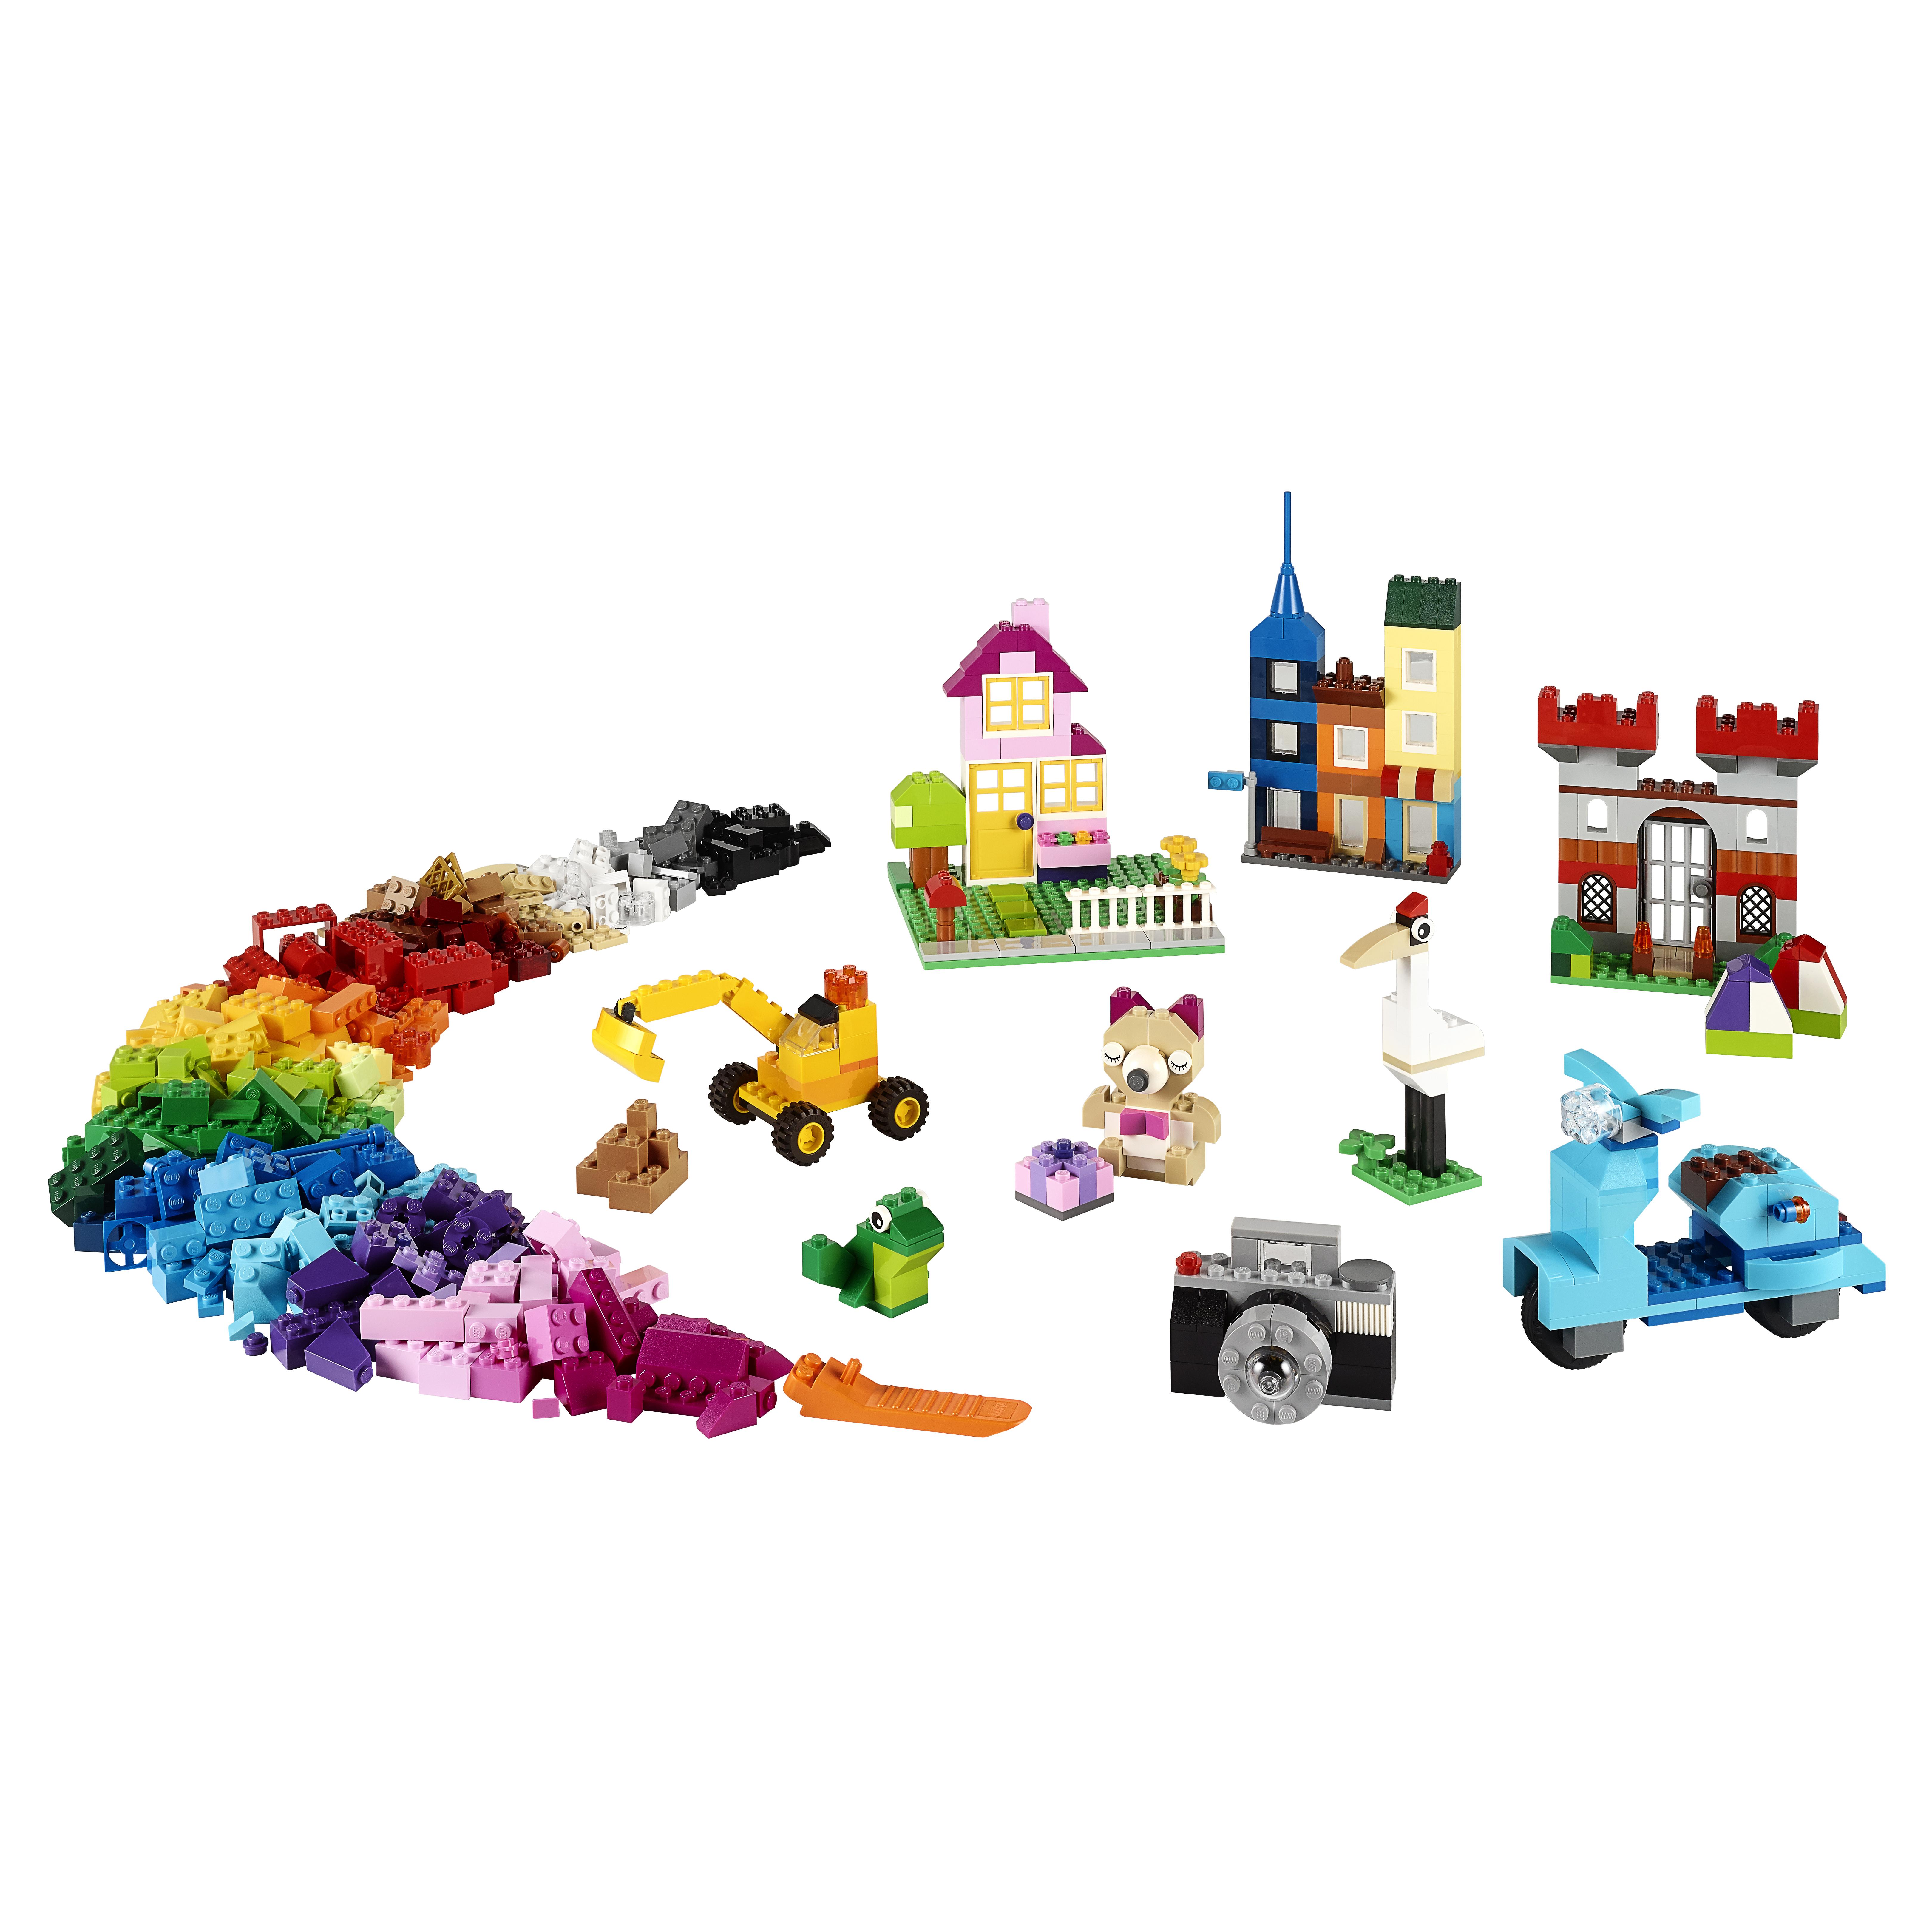 Конструктор LEGO Classic Набор для творчества большого размера (10698) фото